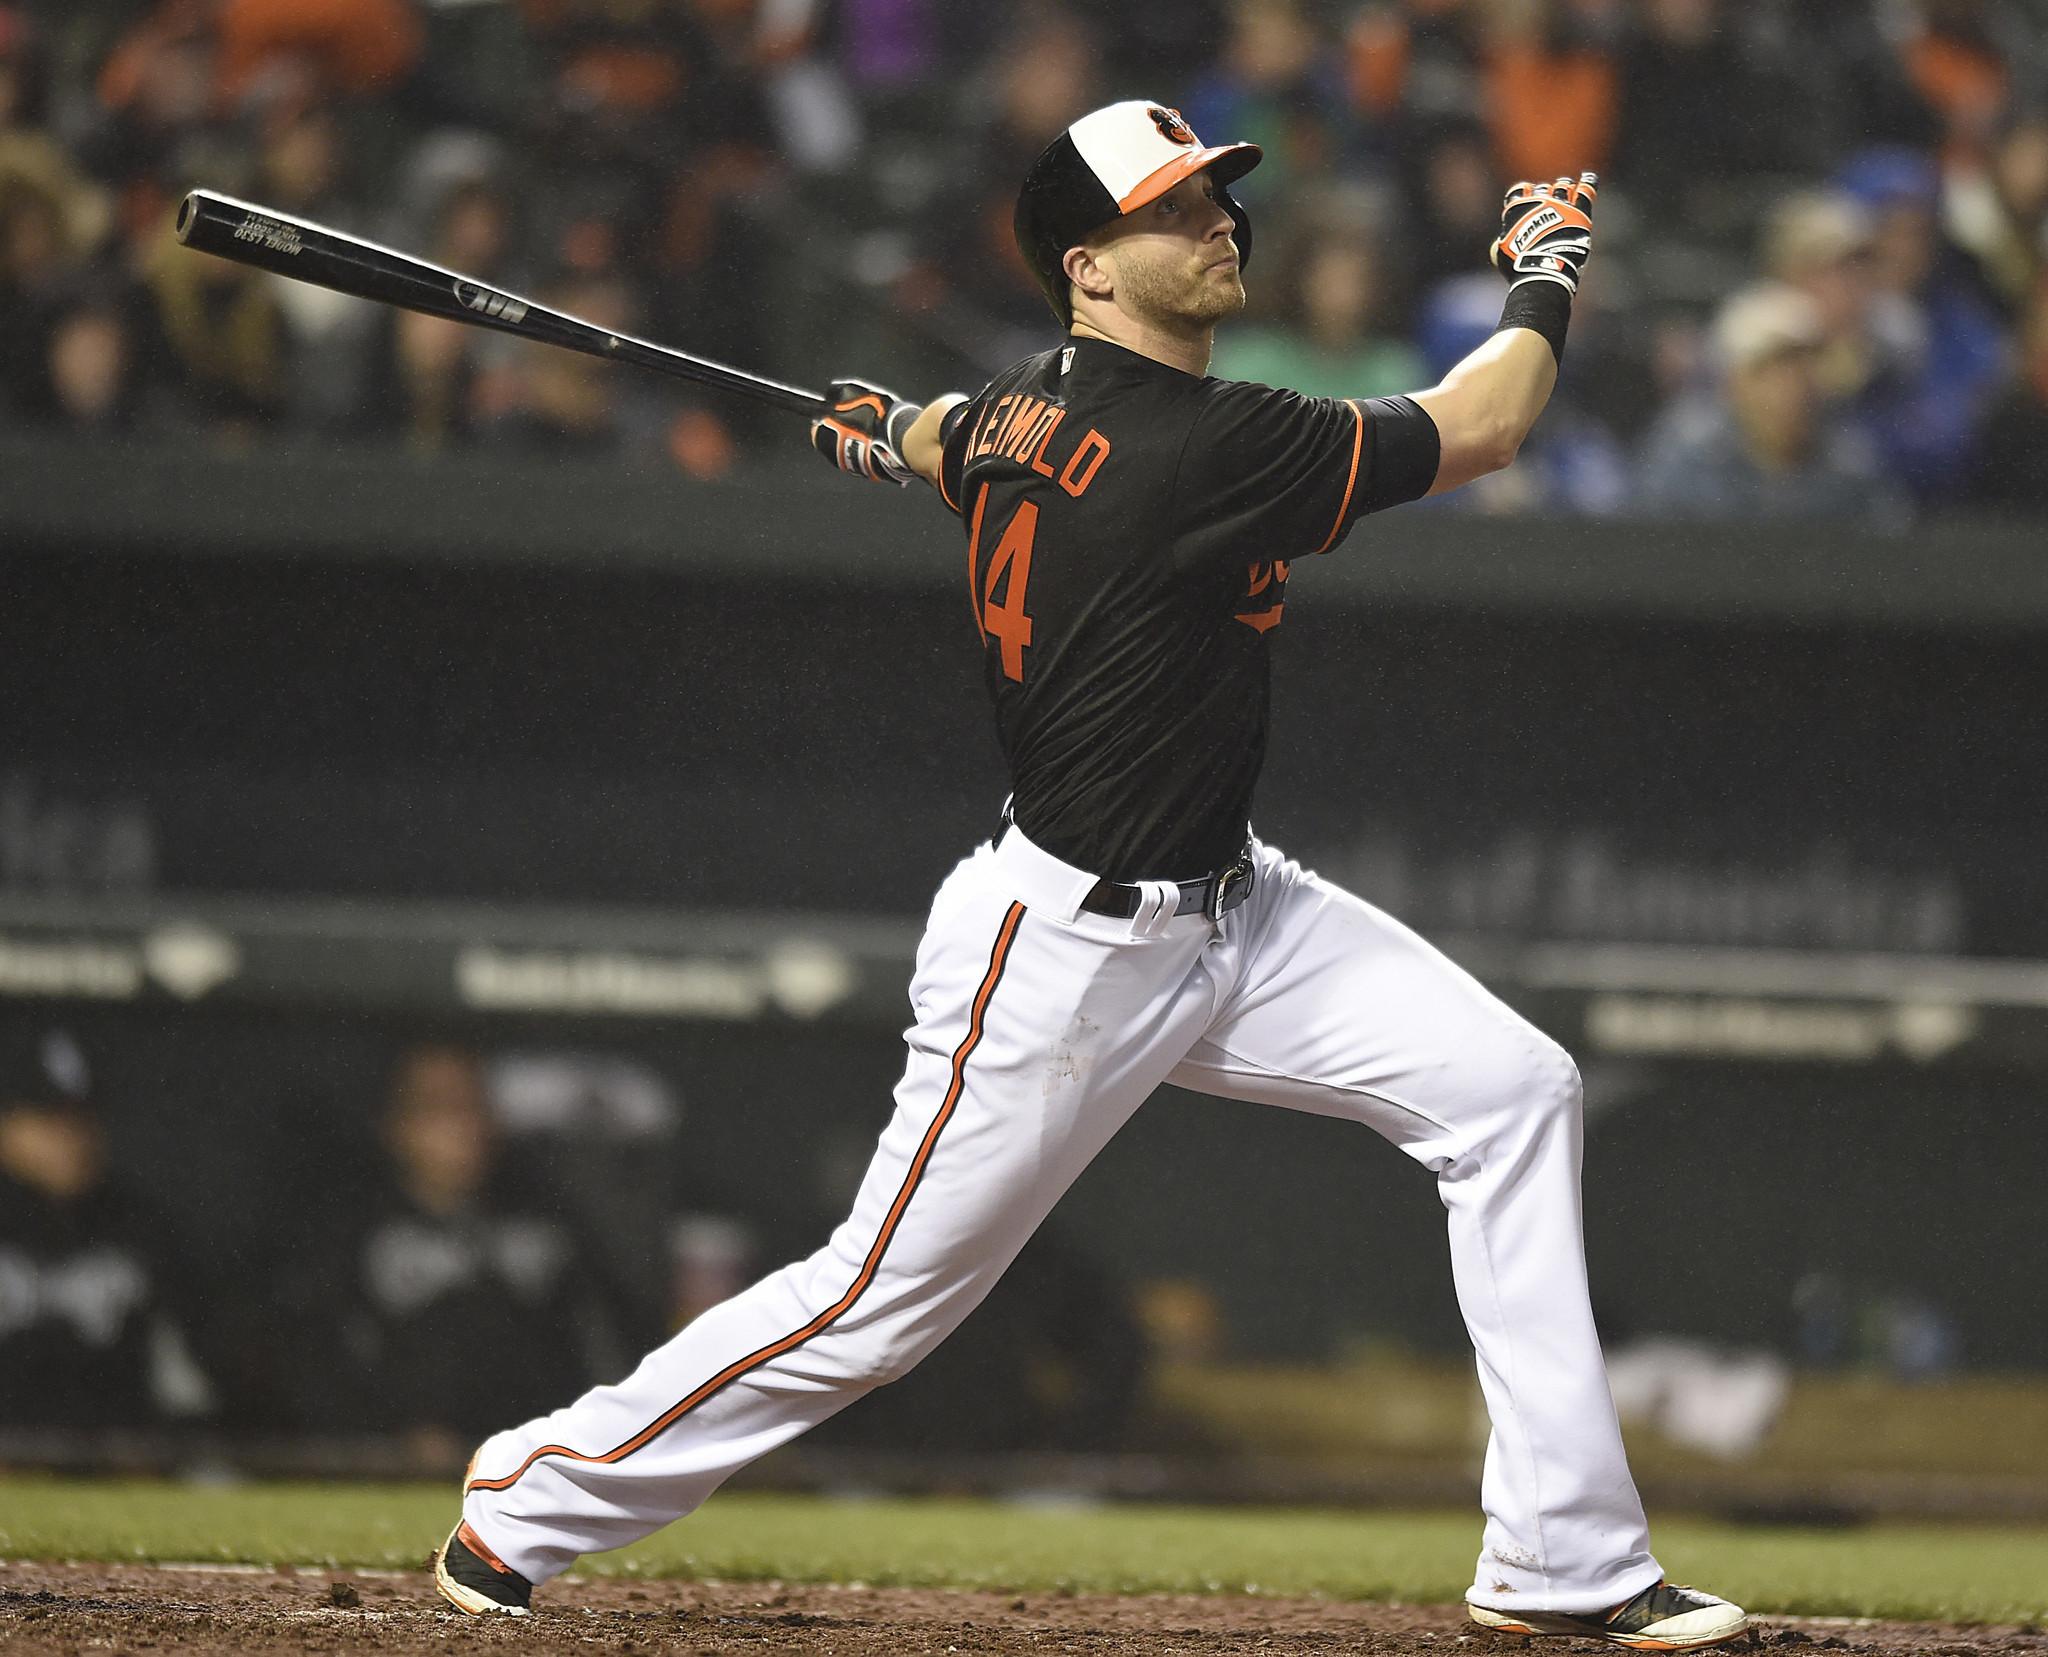 Orioles spotlight: Outfielder Nolan Reimold